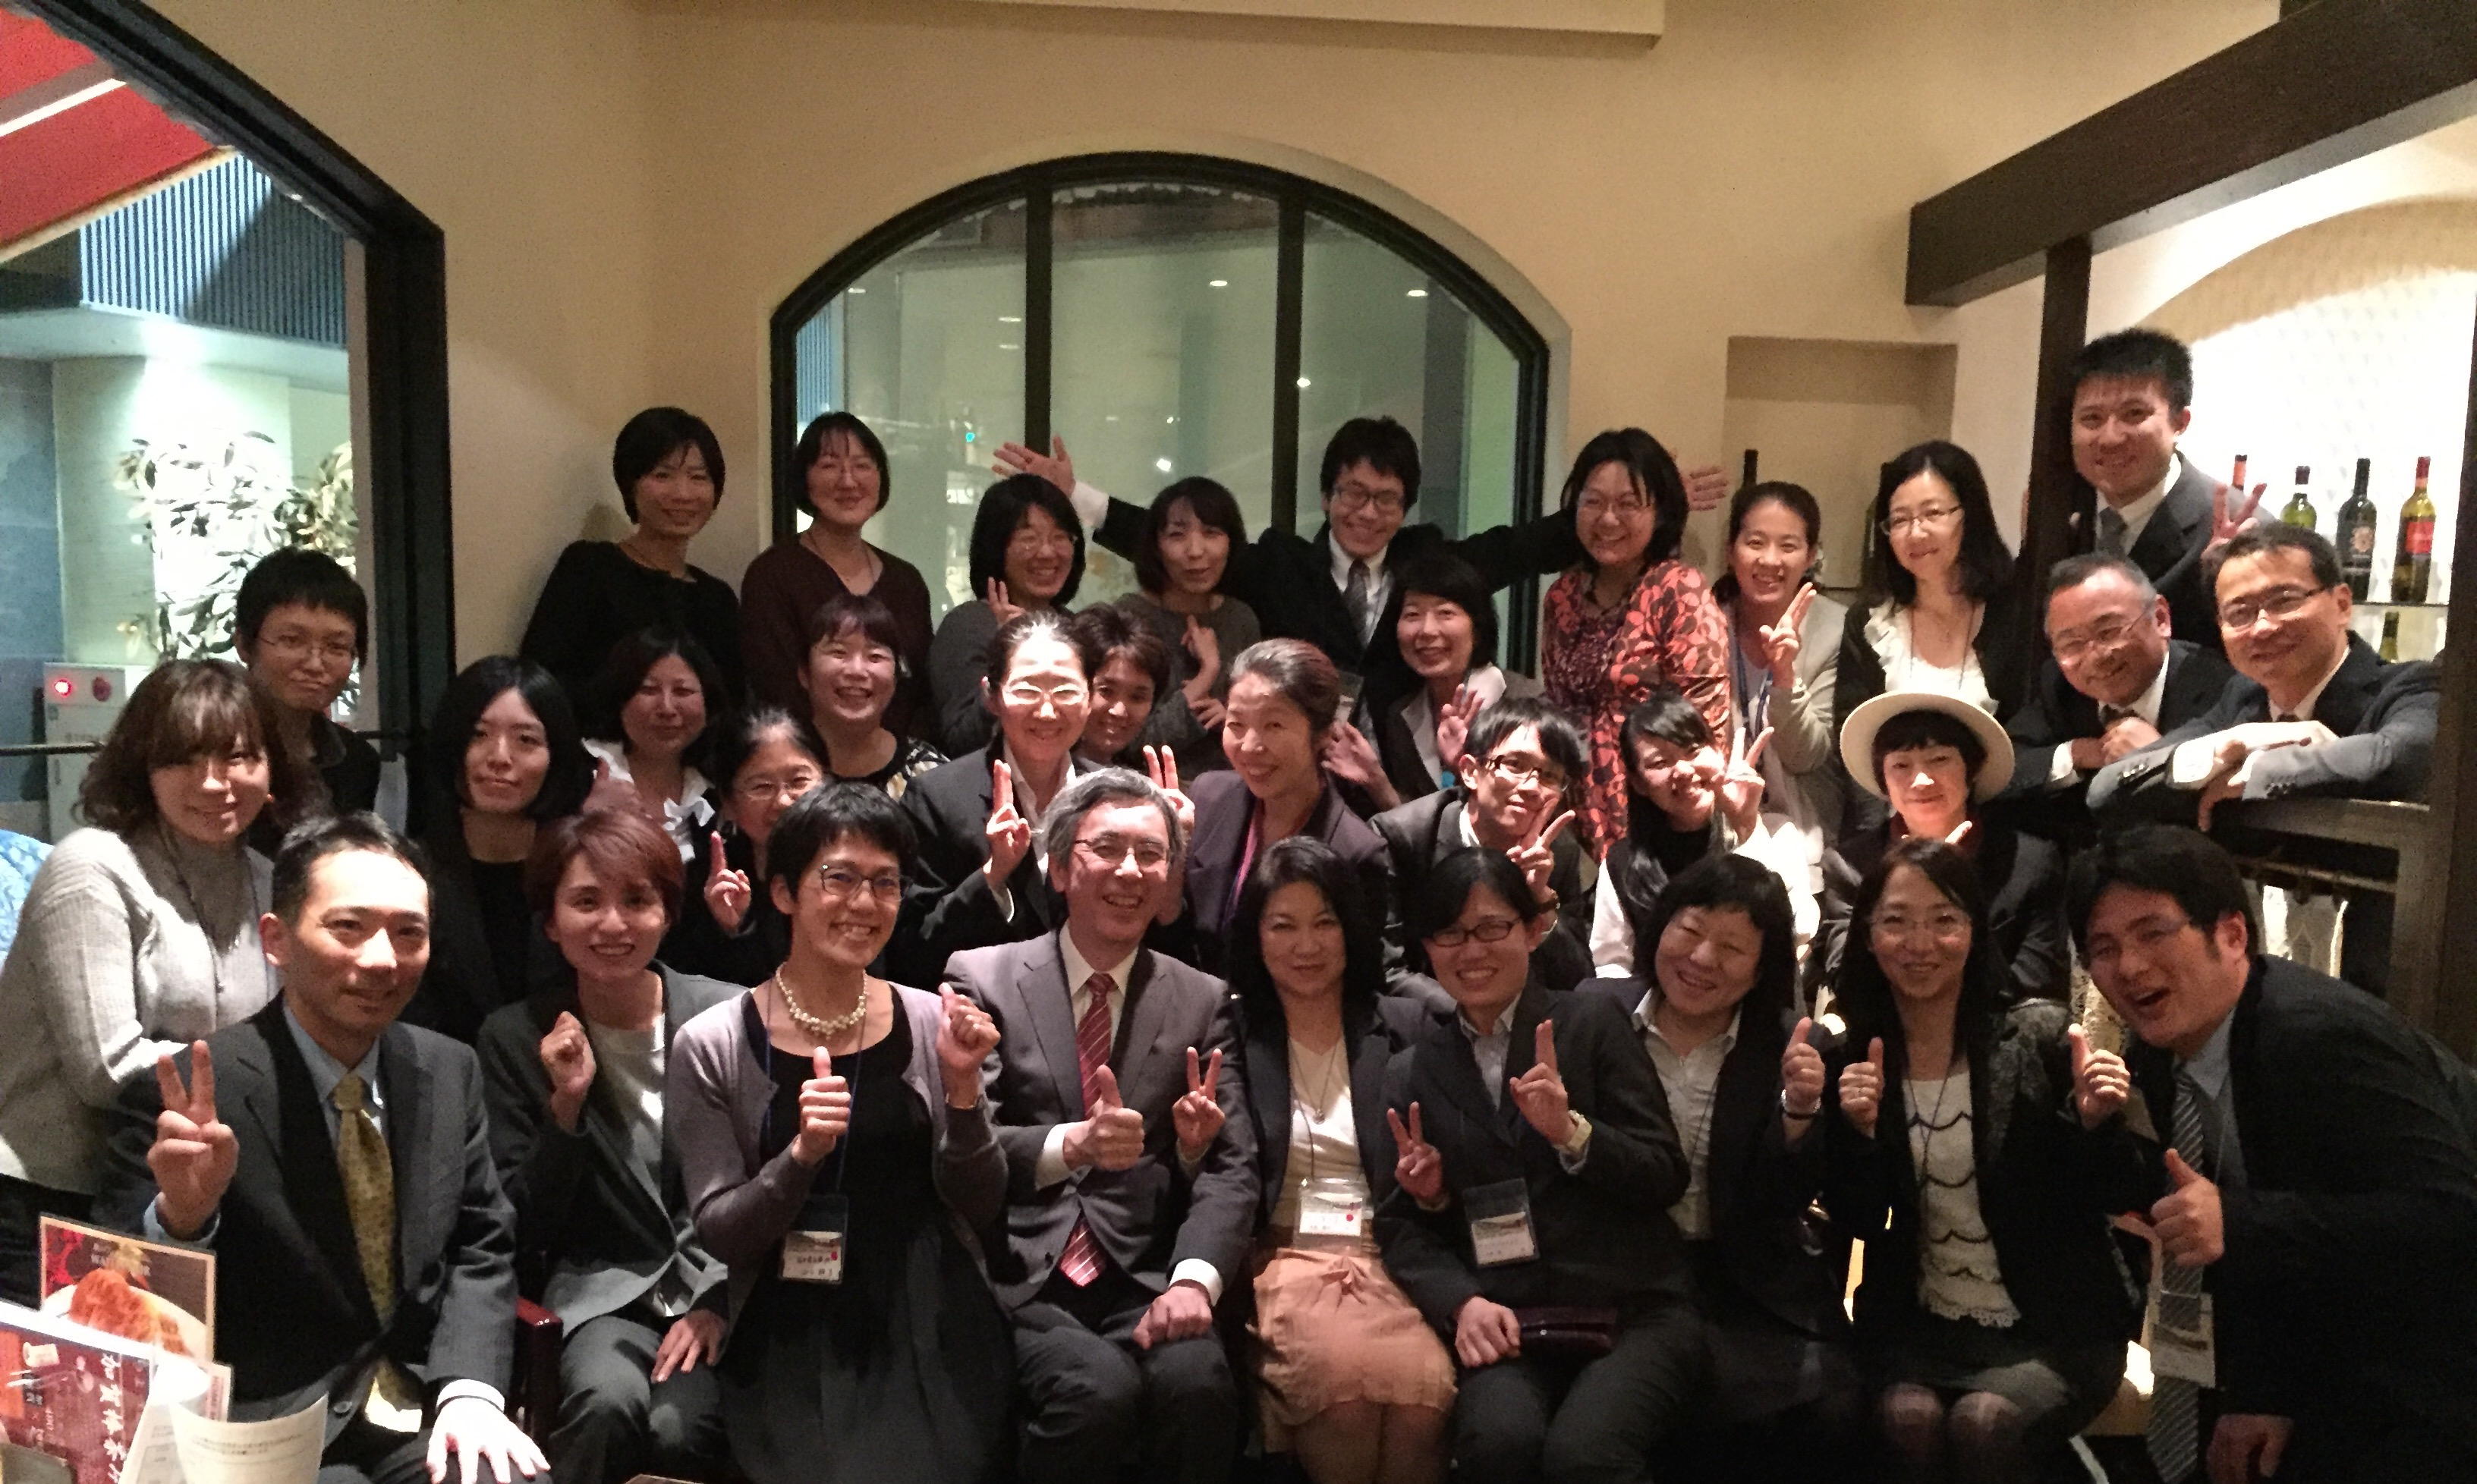 第16回RJN懇親会【第11回リハ科専門医会 RJN懇親会 in金沢】 写真